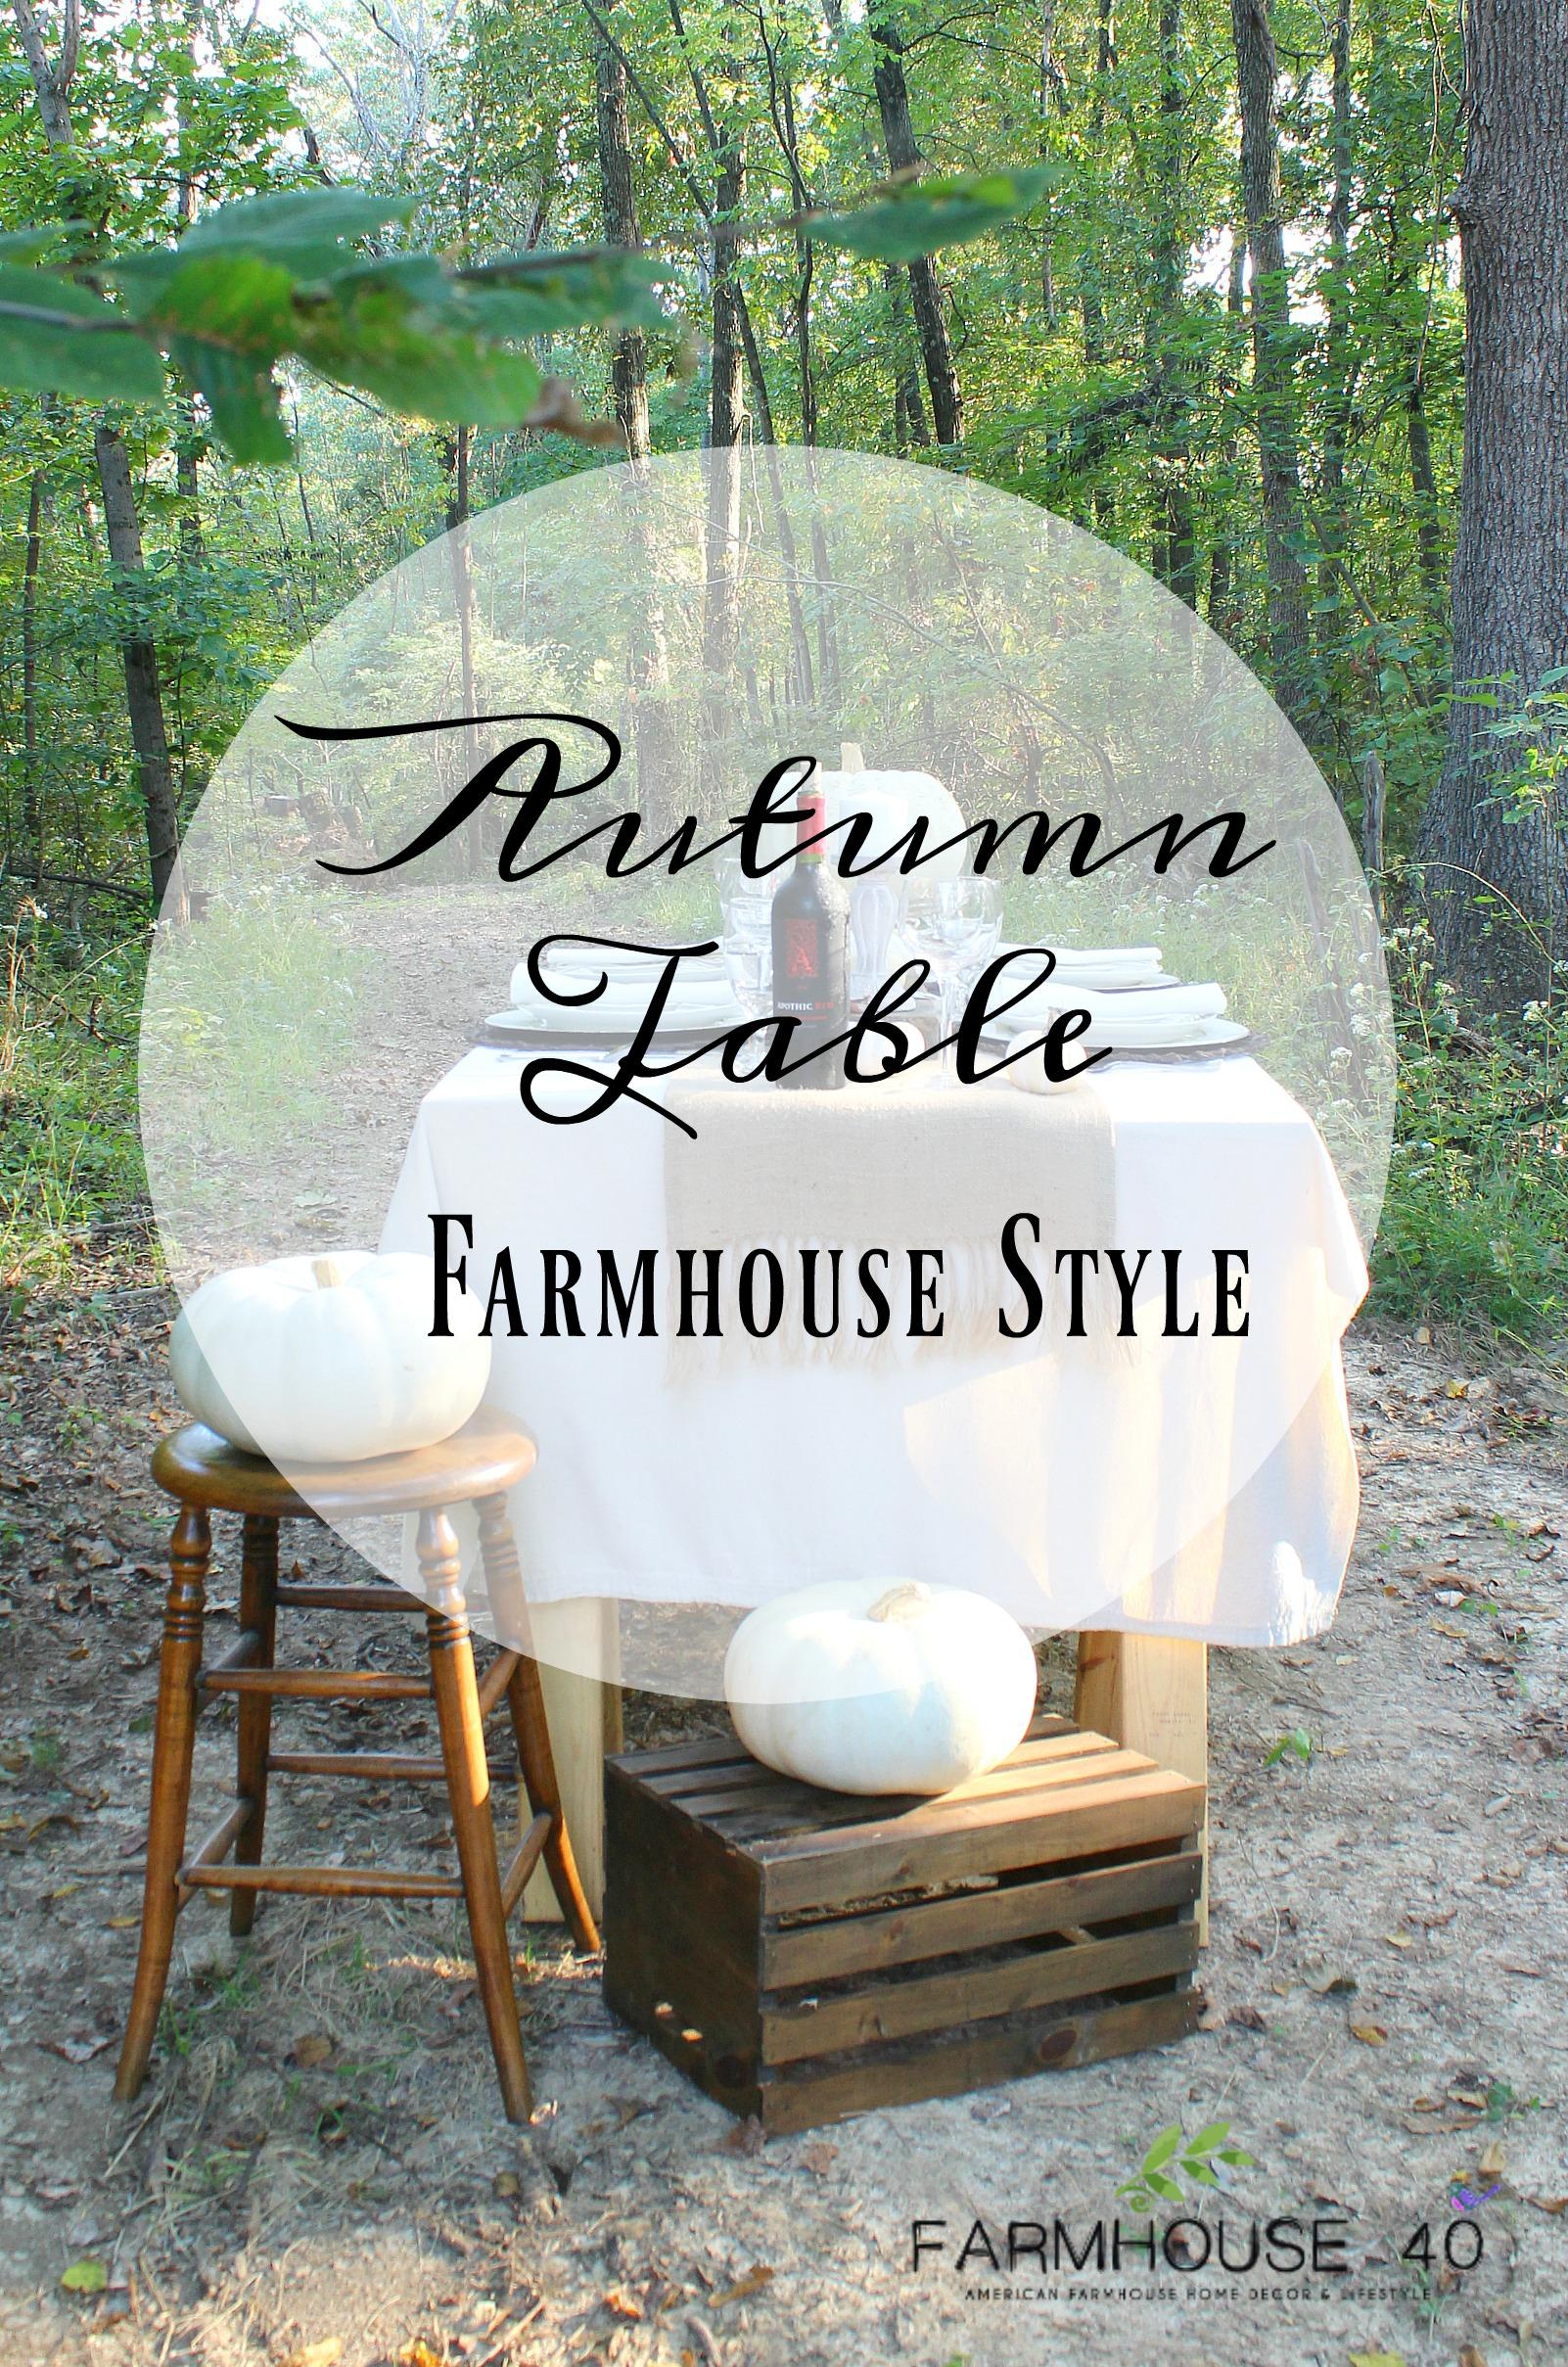 autumn-table-farmhouse-style-hero-5243